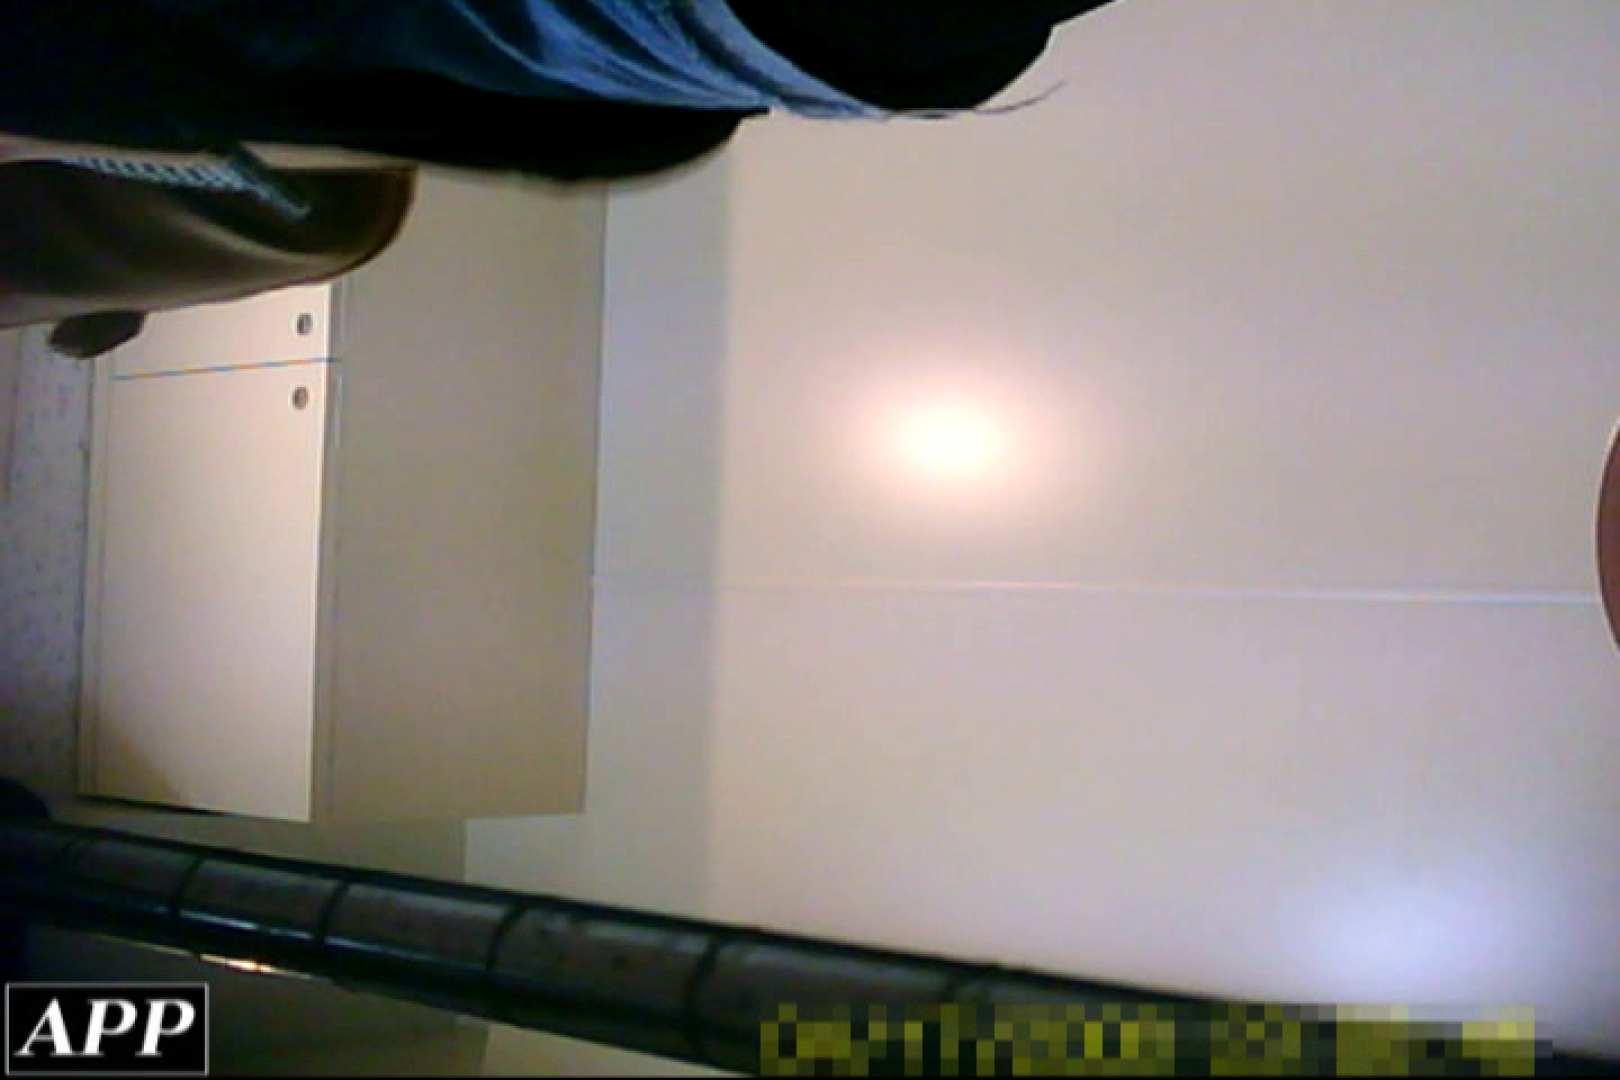 3視点洗面所 vol.145 HなOL オマンコ動画キャプチャ 109pic 50